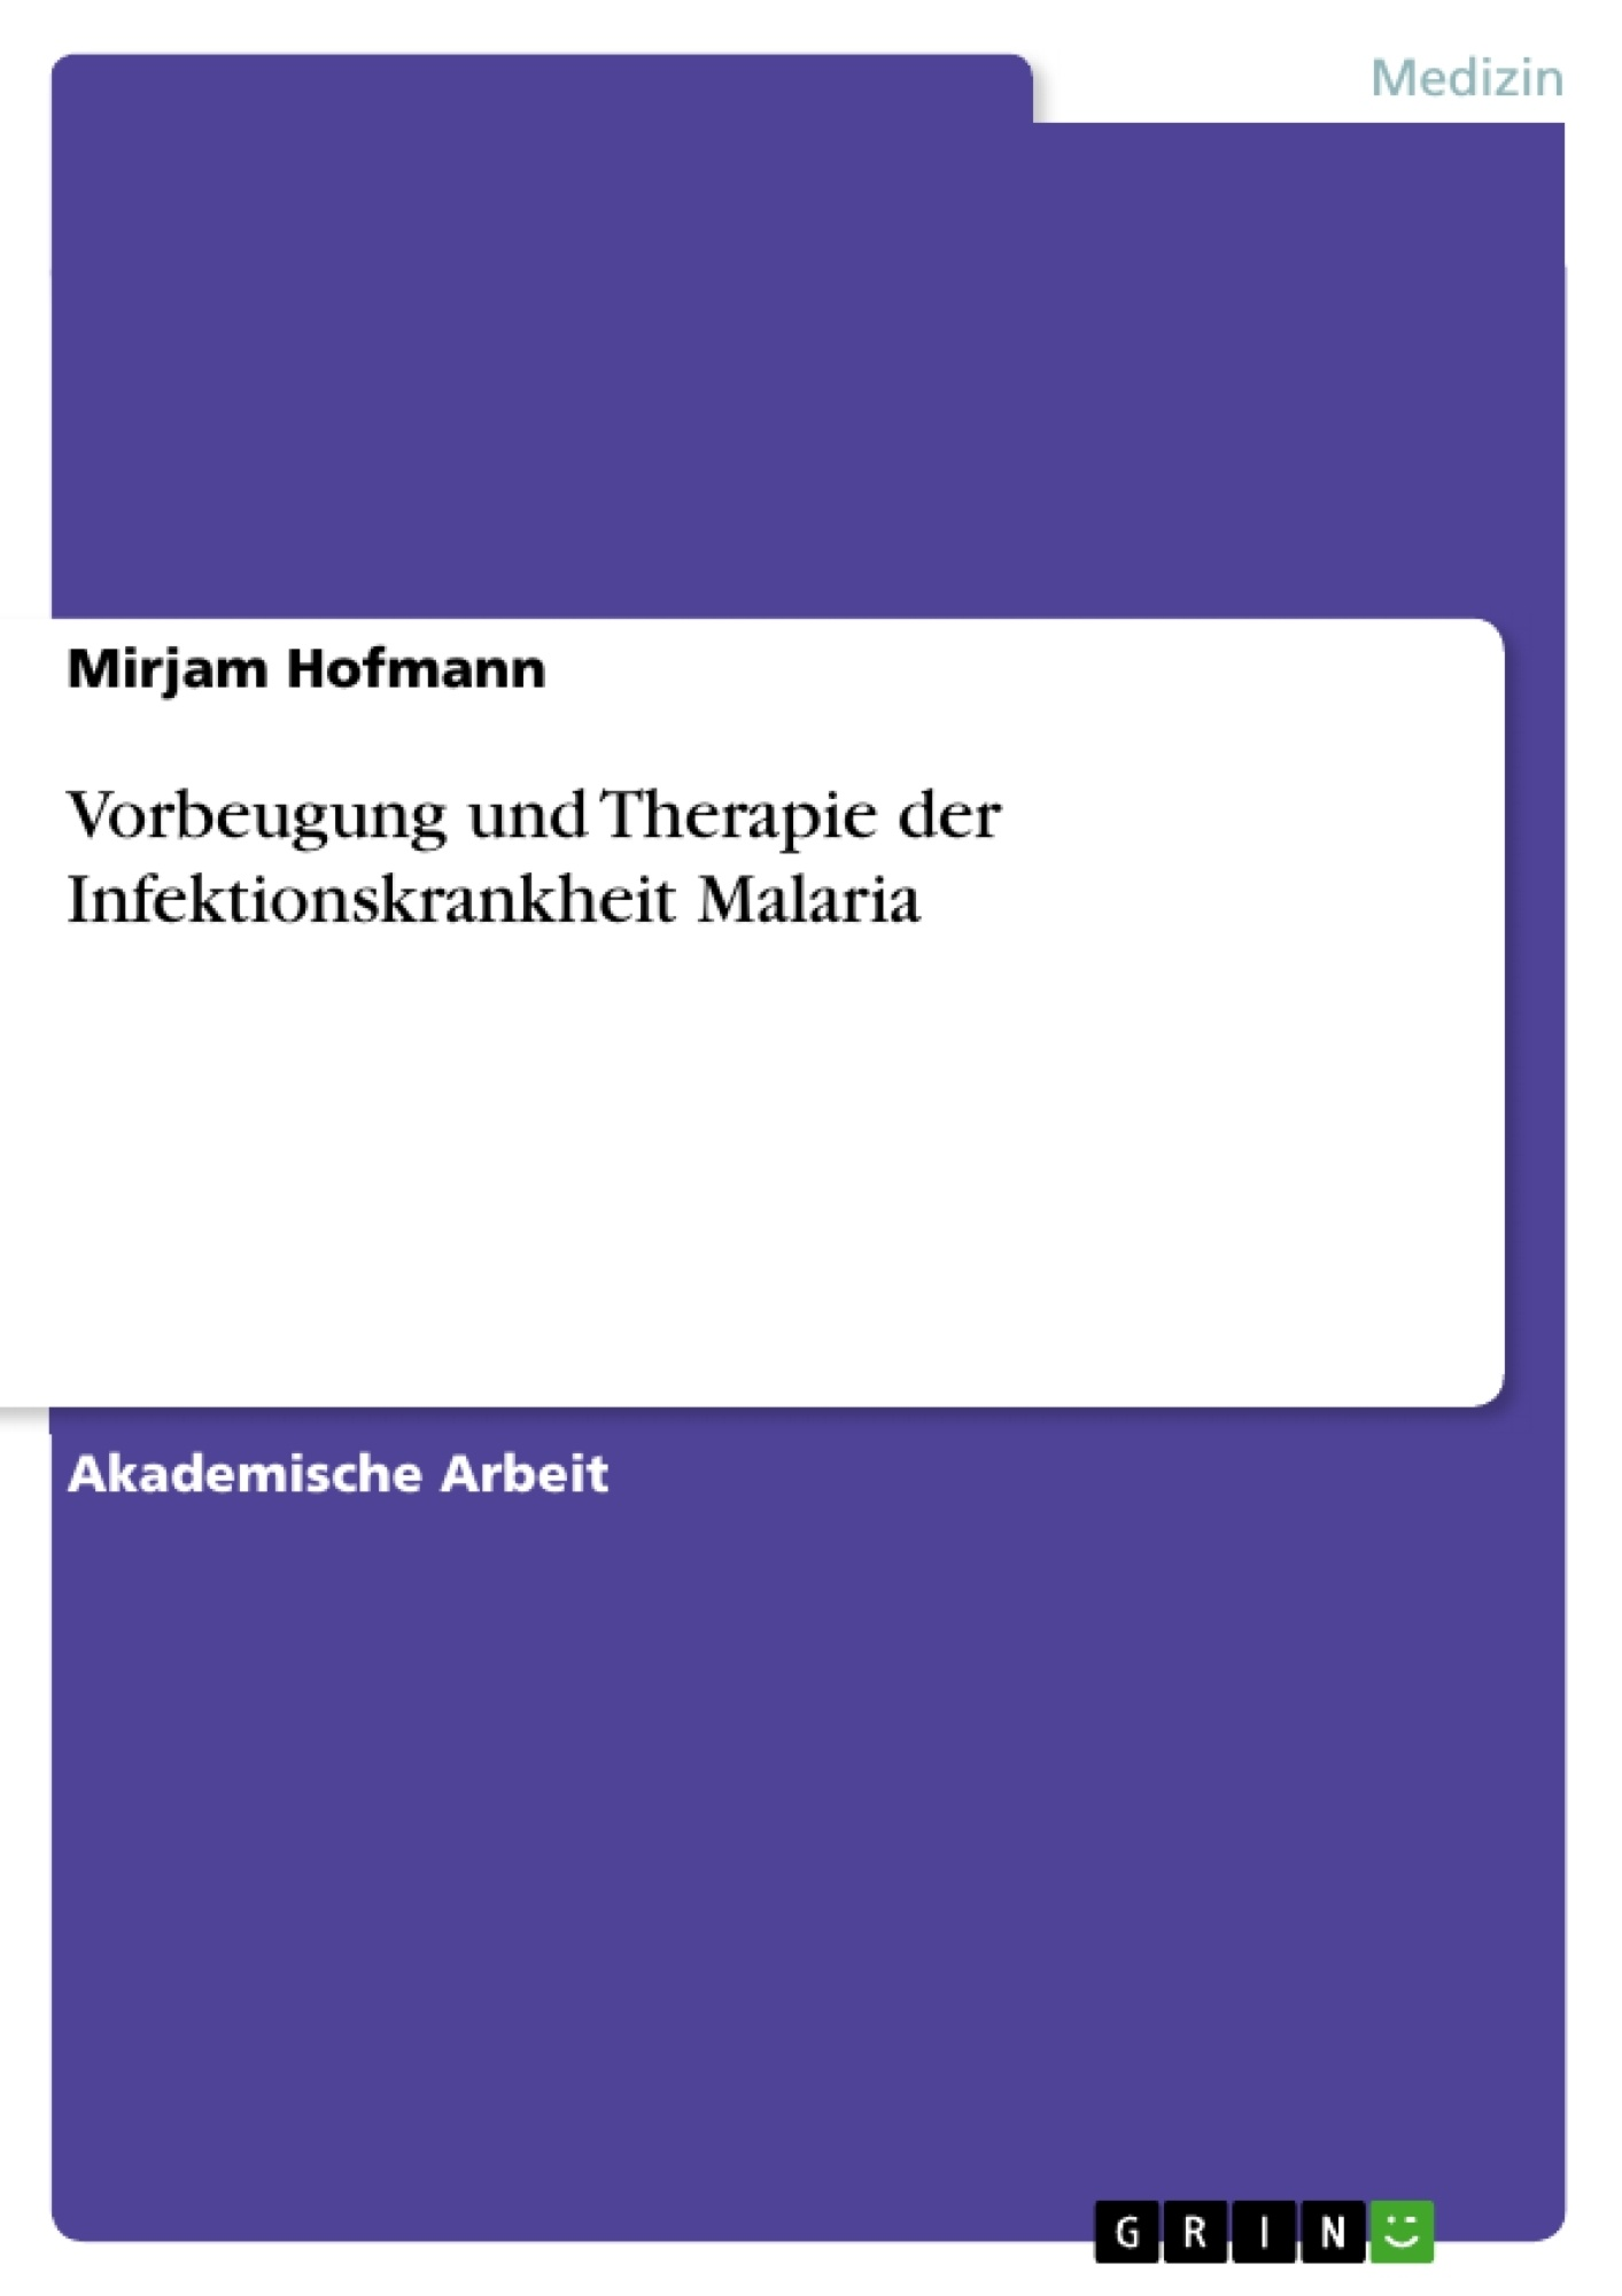 Titel: Vorbeugung und Therapie der Infektionskrankheit Malaria